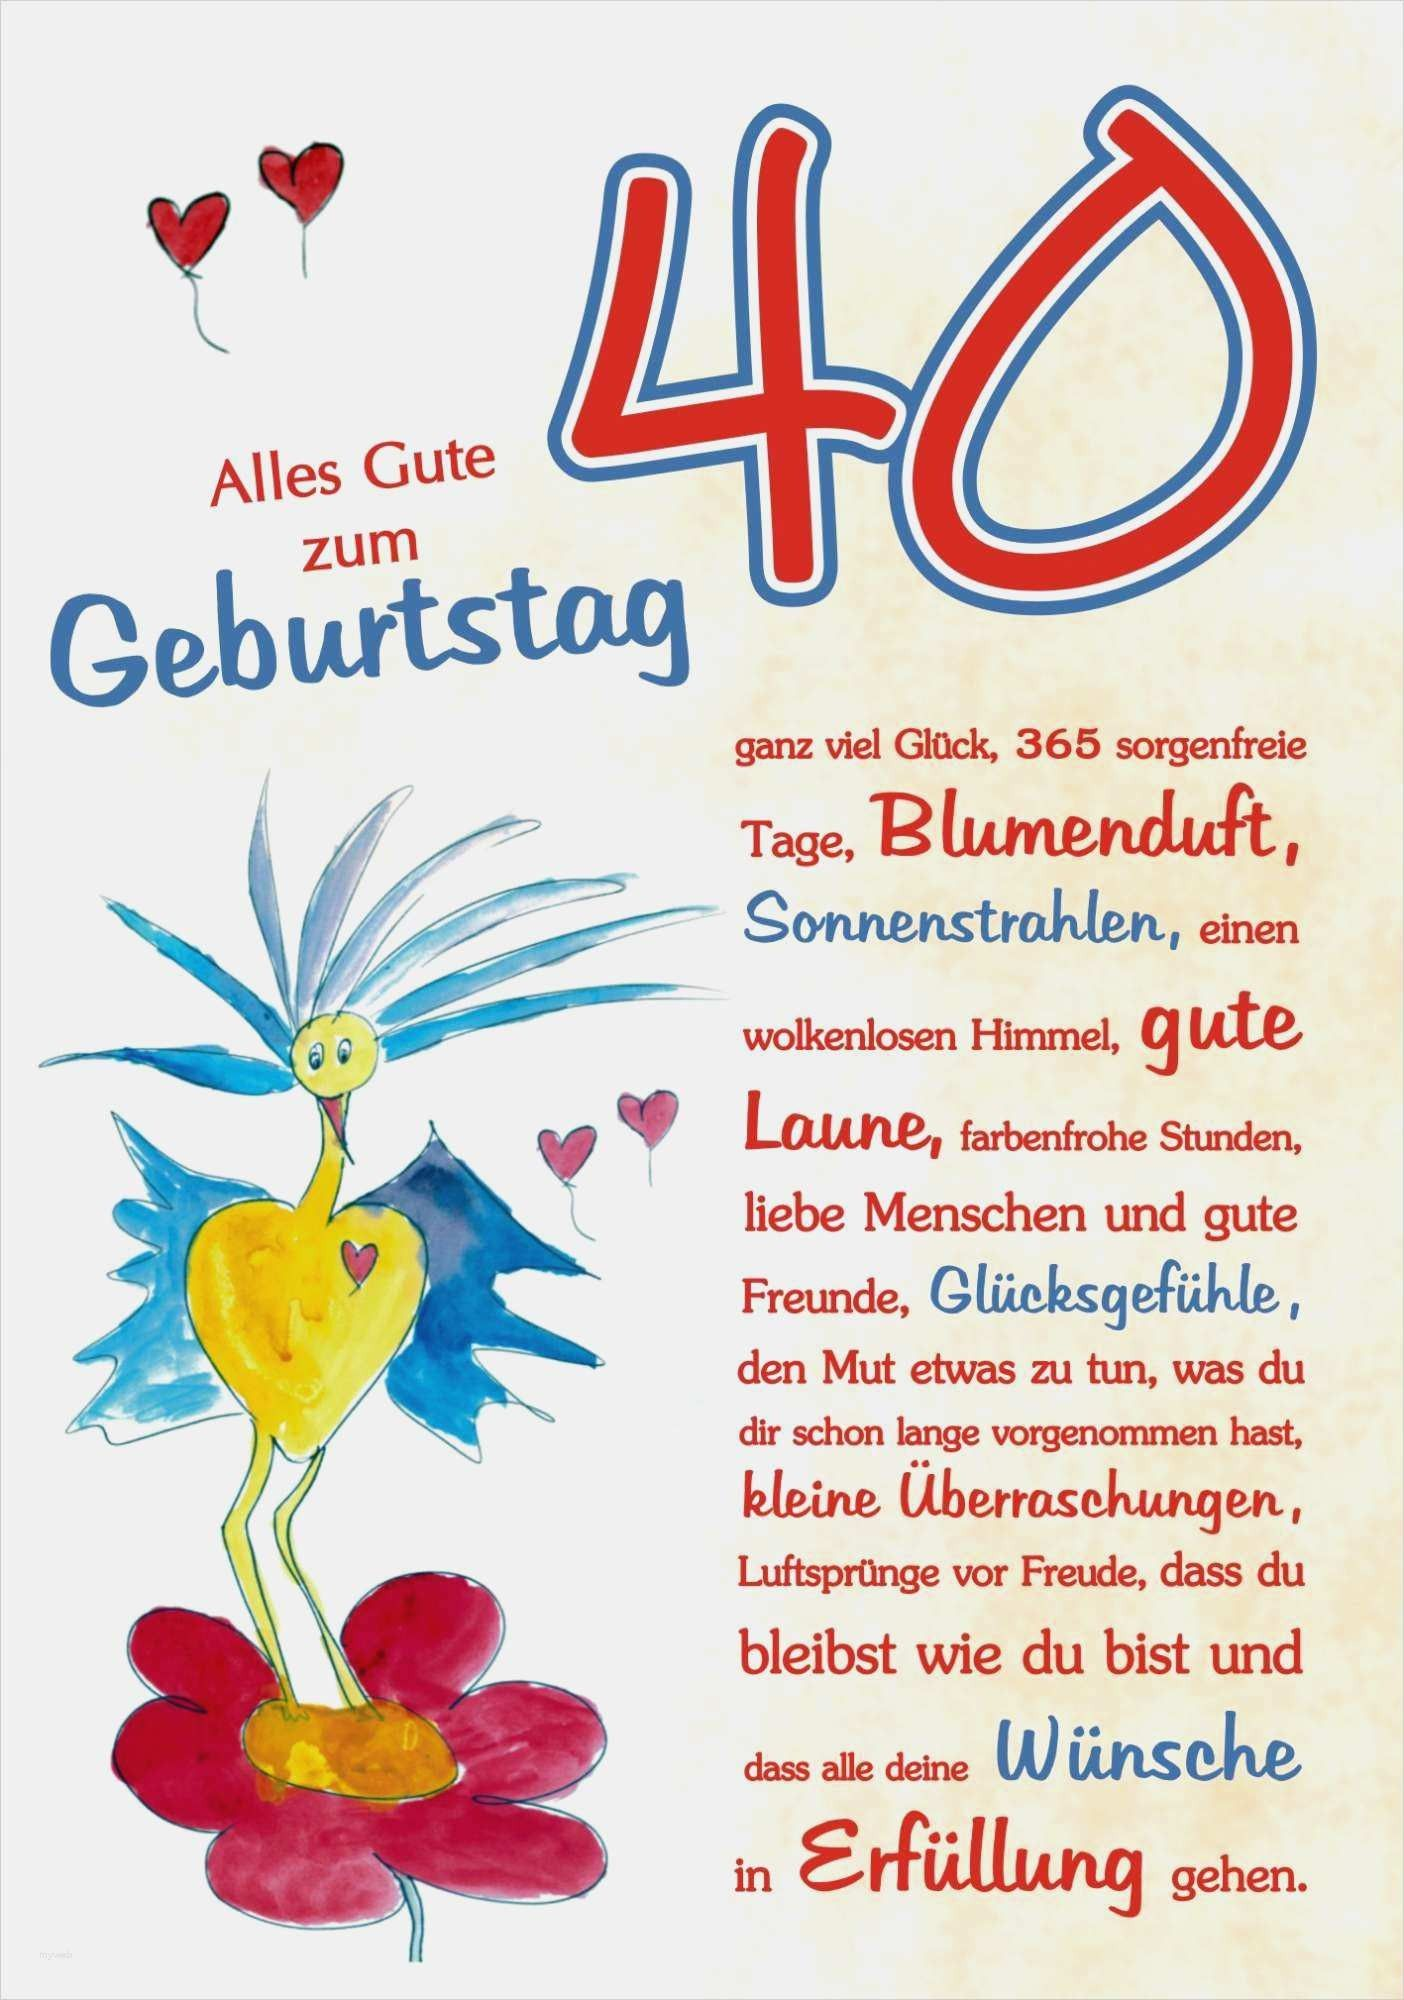 Pin Von Elisabeth Schatzberger Auf Geburtstag Gluckwunsche Zum